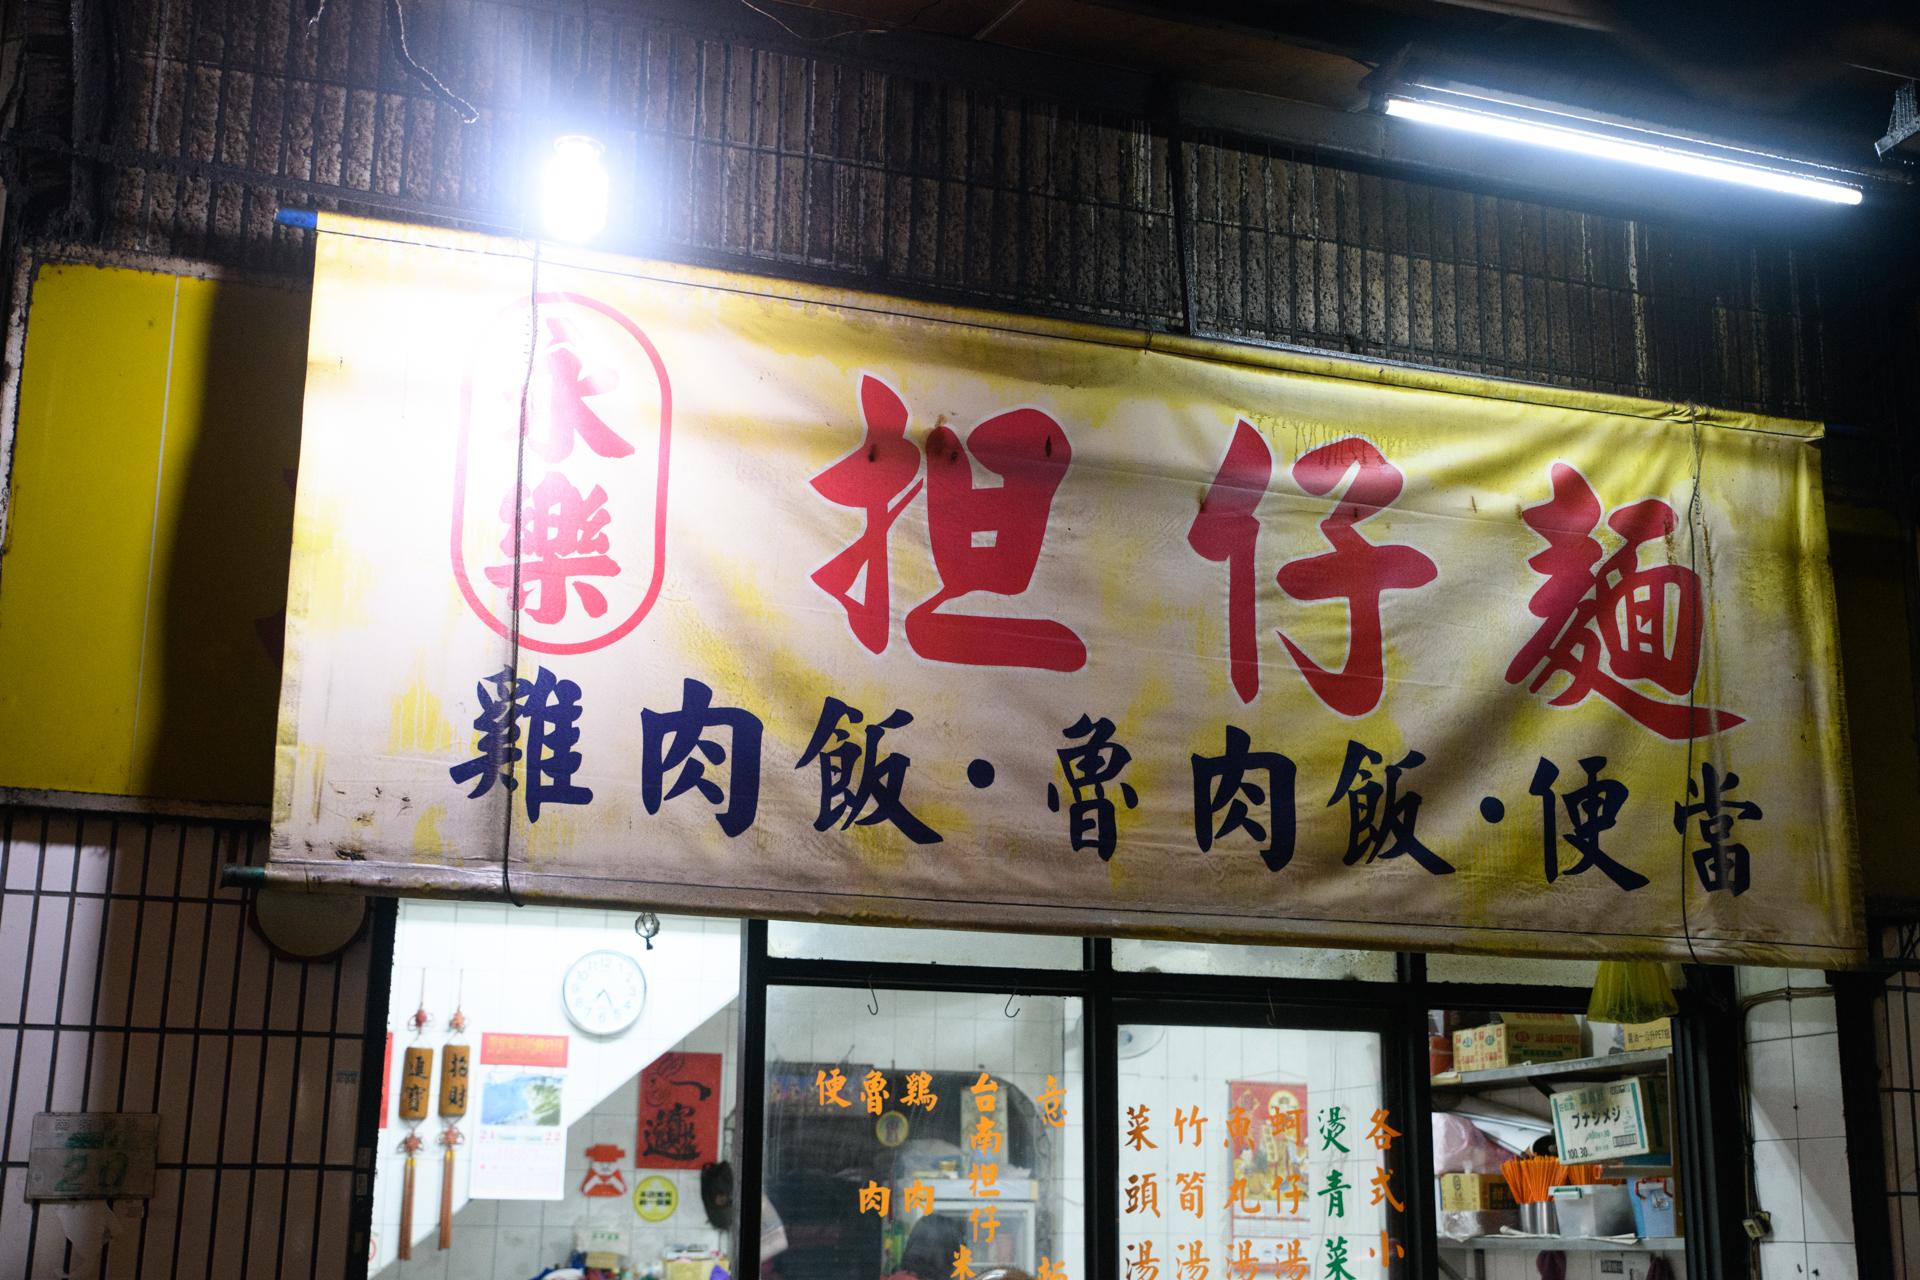 台湾 台北 寧夏路夜市 孤独のグルメ 永楽担仔麺 D850+SP 24-70mm F/2.8 Di VC USD G2